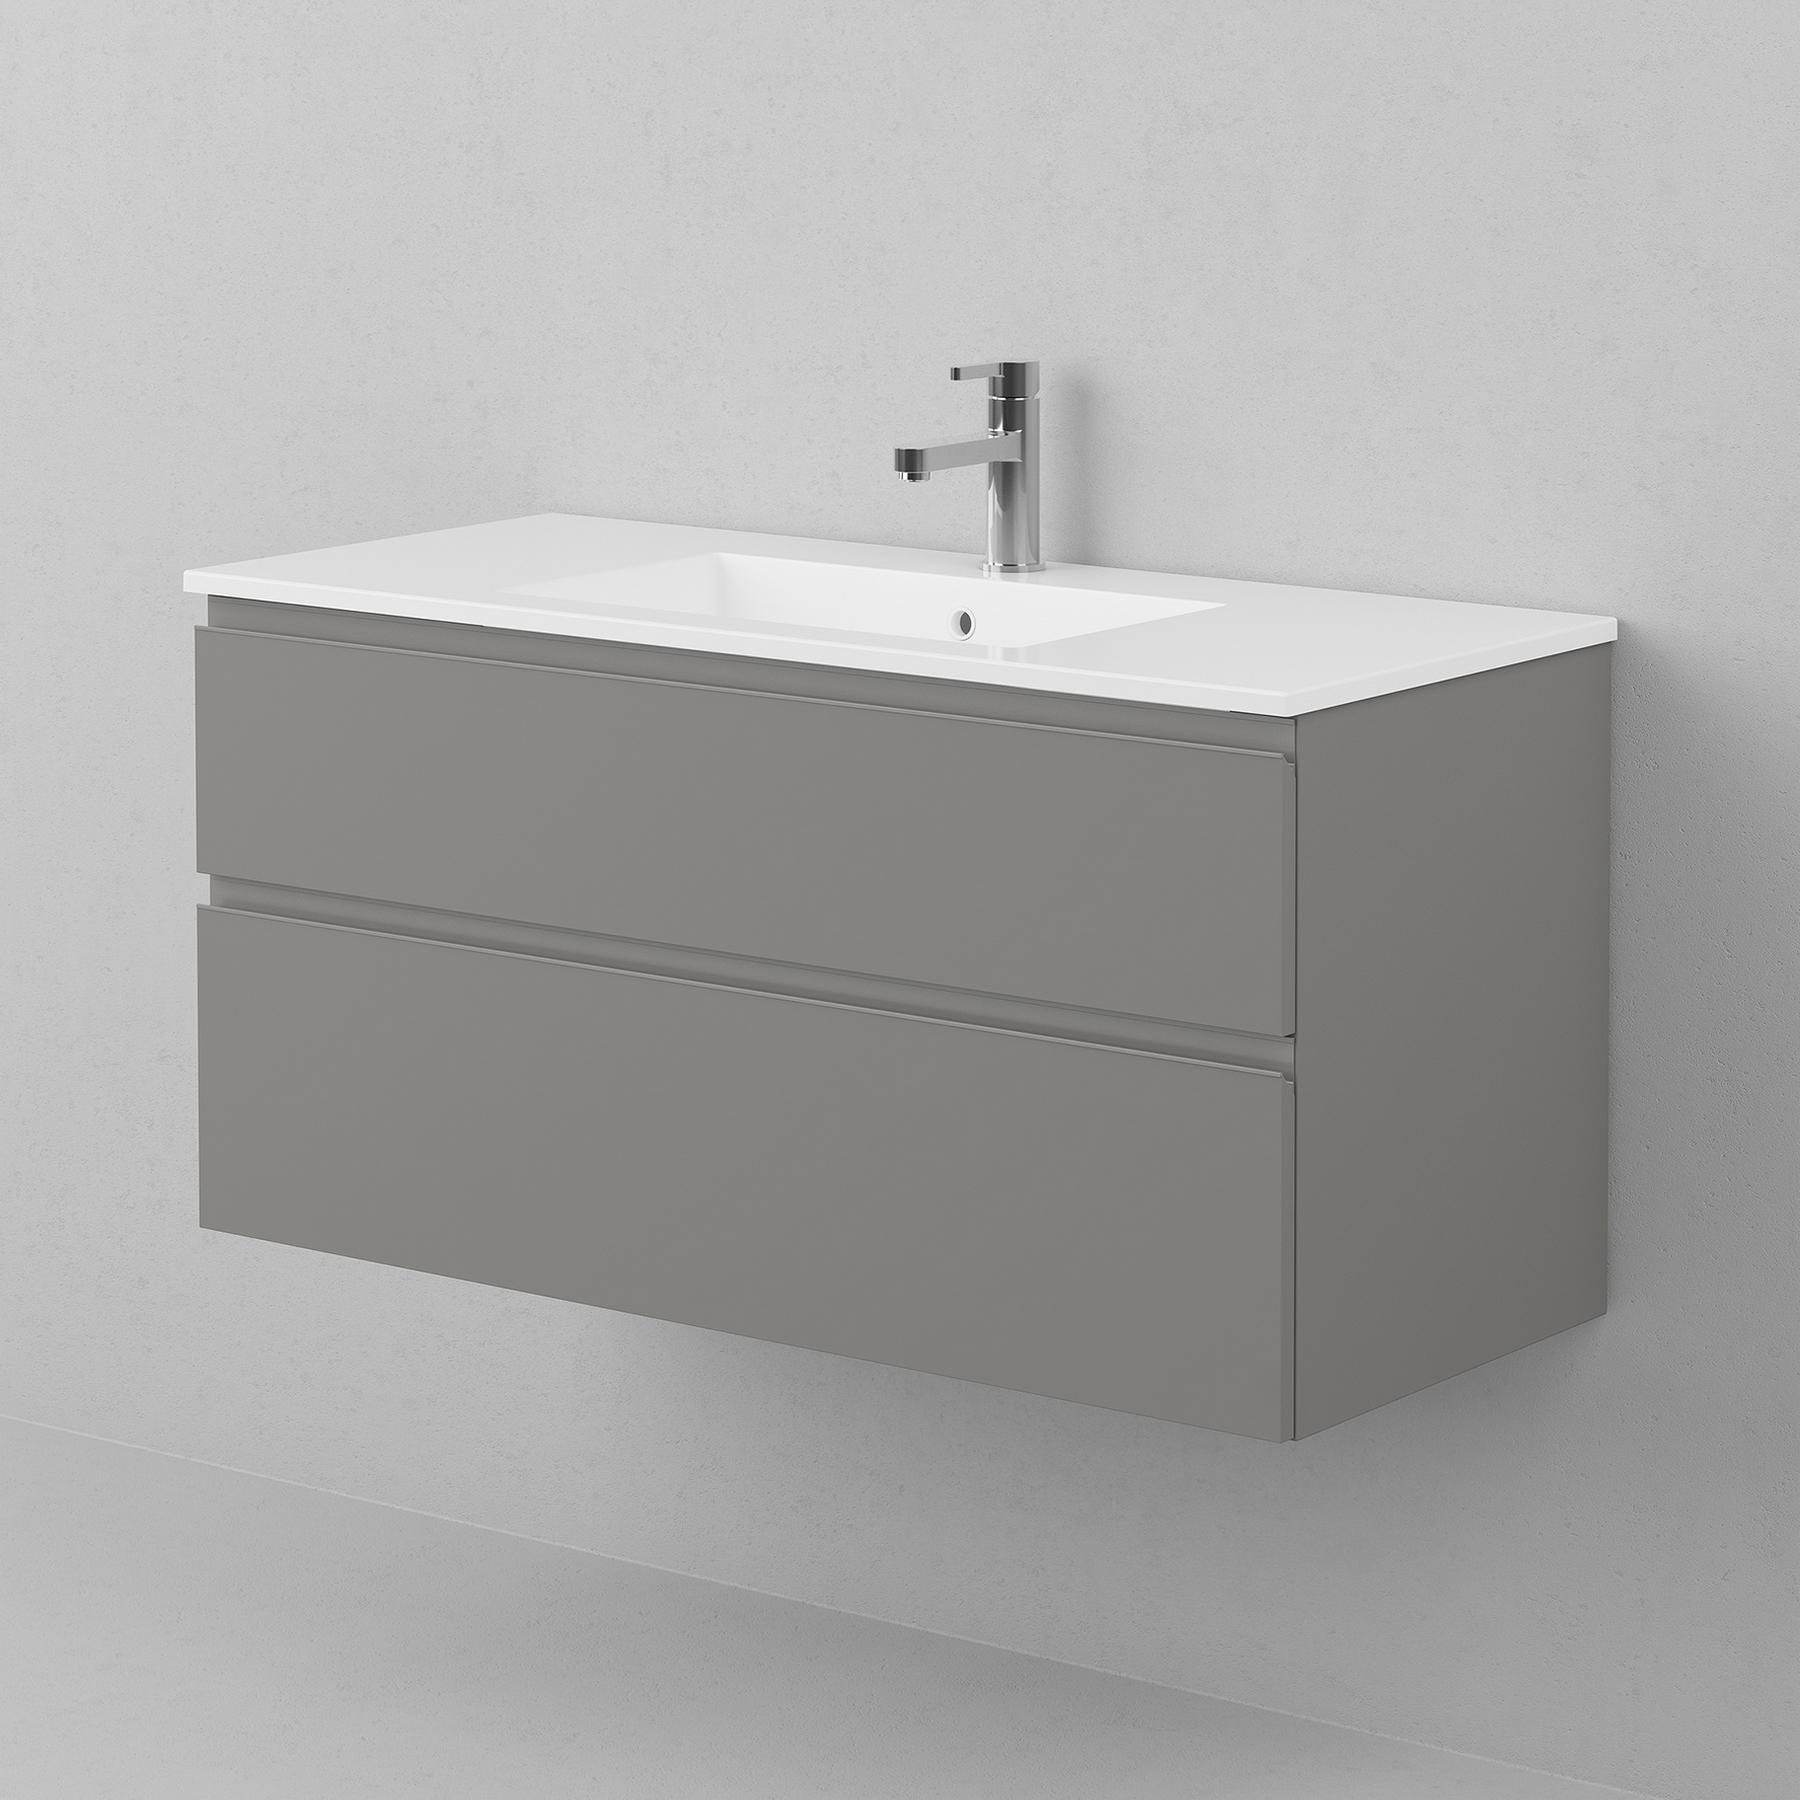 Tvättställsskåp INR Viskan Grip